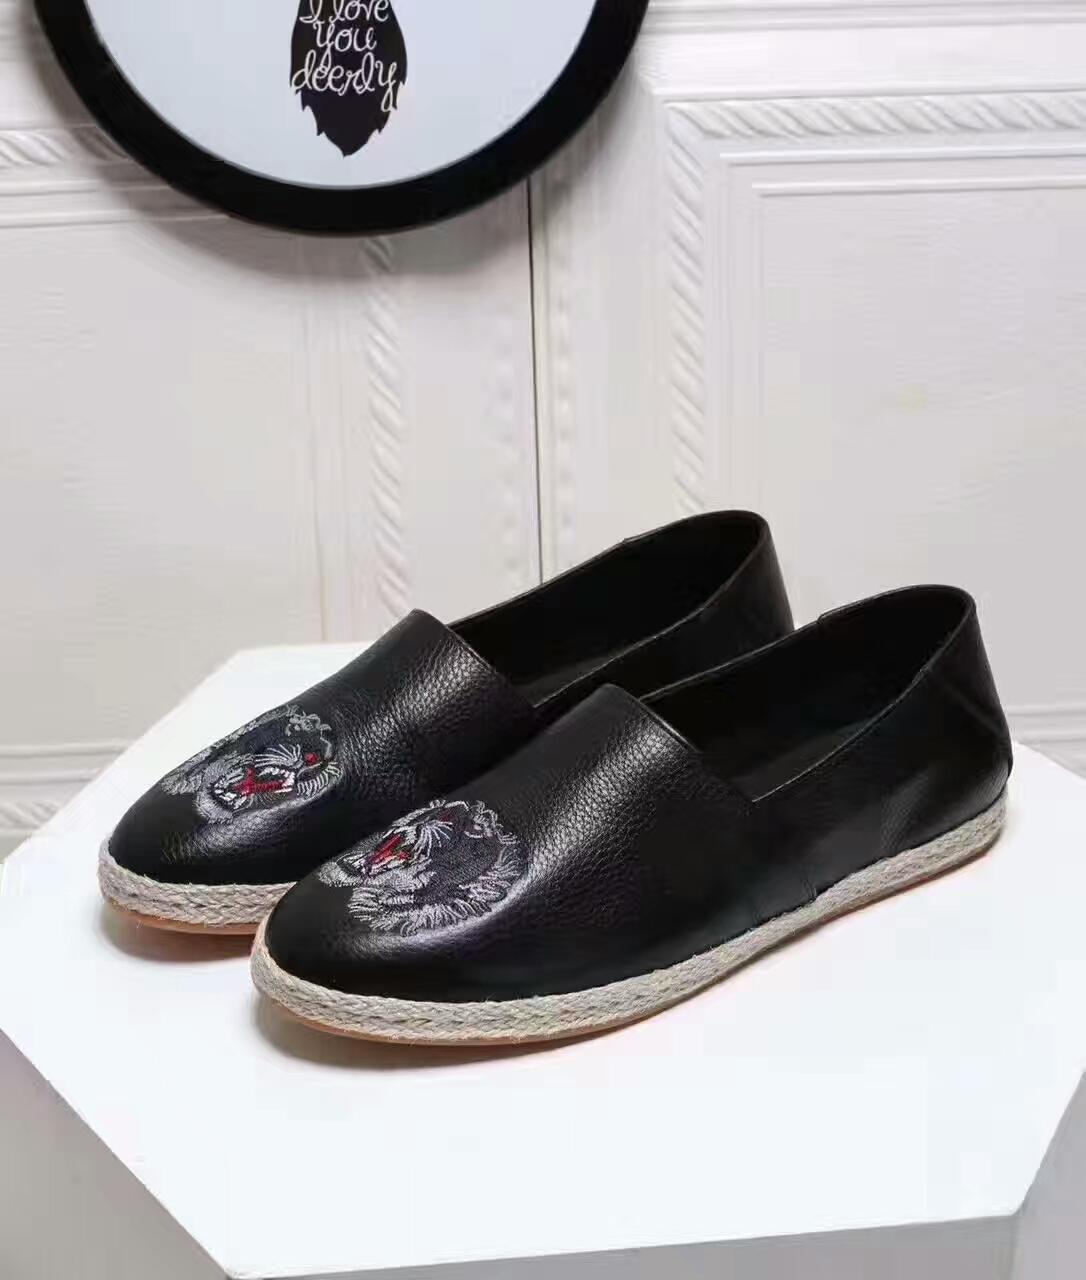 3f15aa4ca50 Compre Venta Al Por Mayor De Los Hombres De Ante Sperrys Top Sider  Mocasines Zapatos Para Hombre Azul Gamuza Barco Mocasines Hechos A Mano  Zapatos De Cuero ...